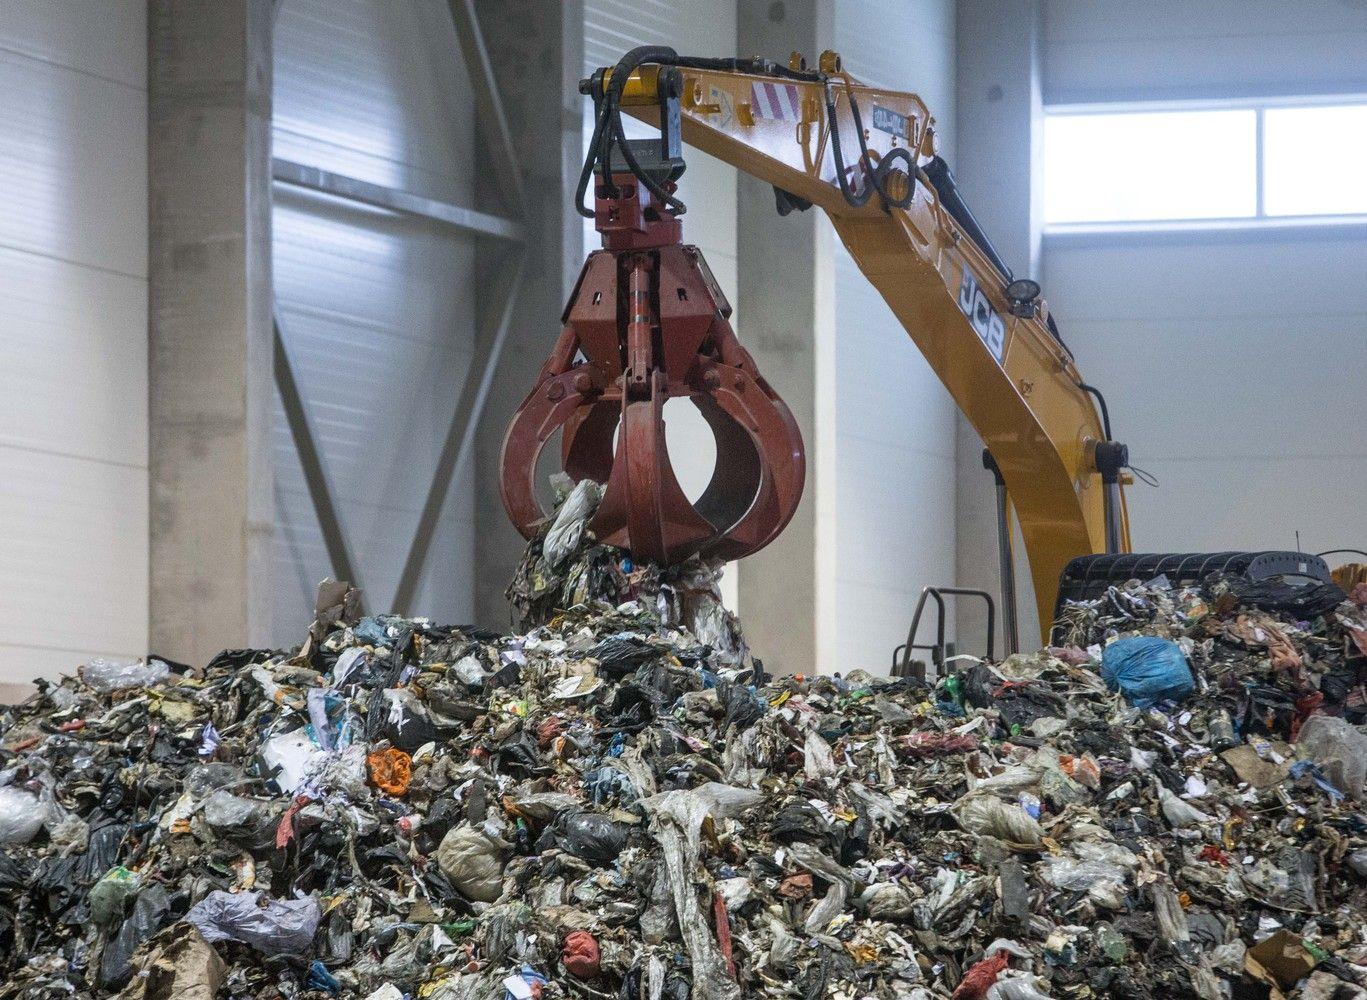 Suimtas Utenos regiono atliekų tvarkymo centro vadovas